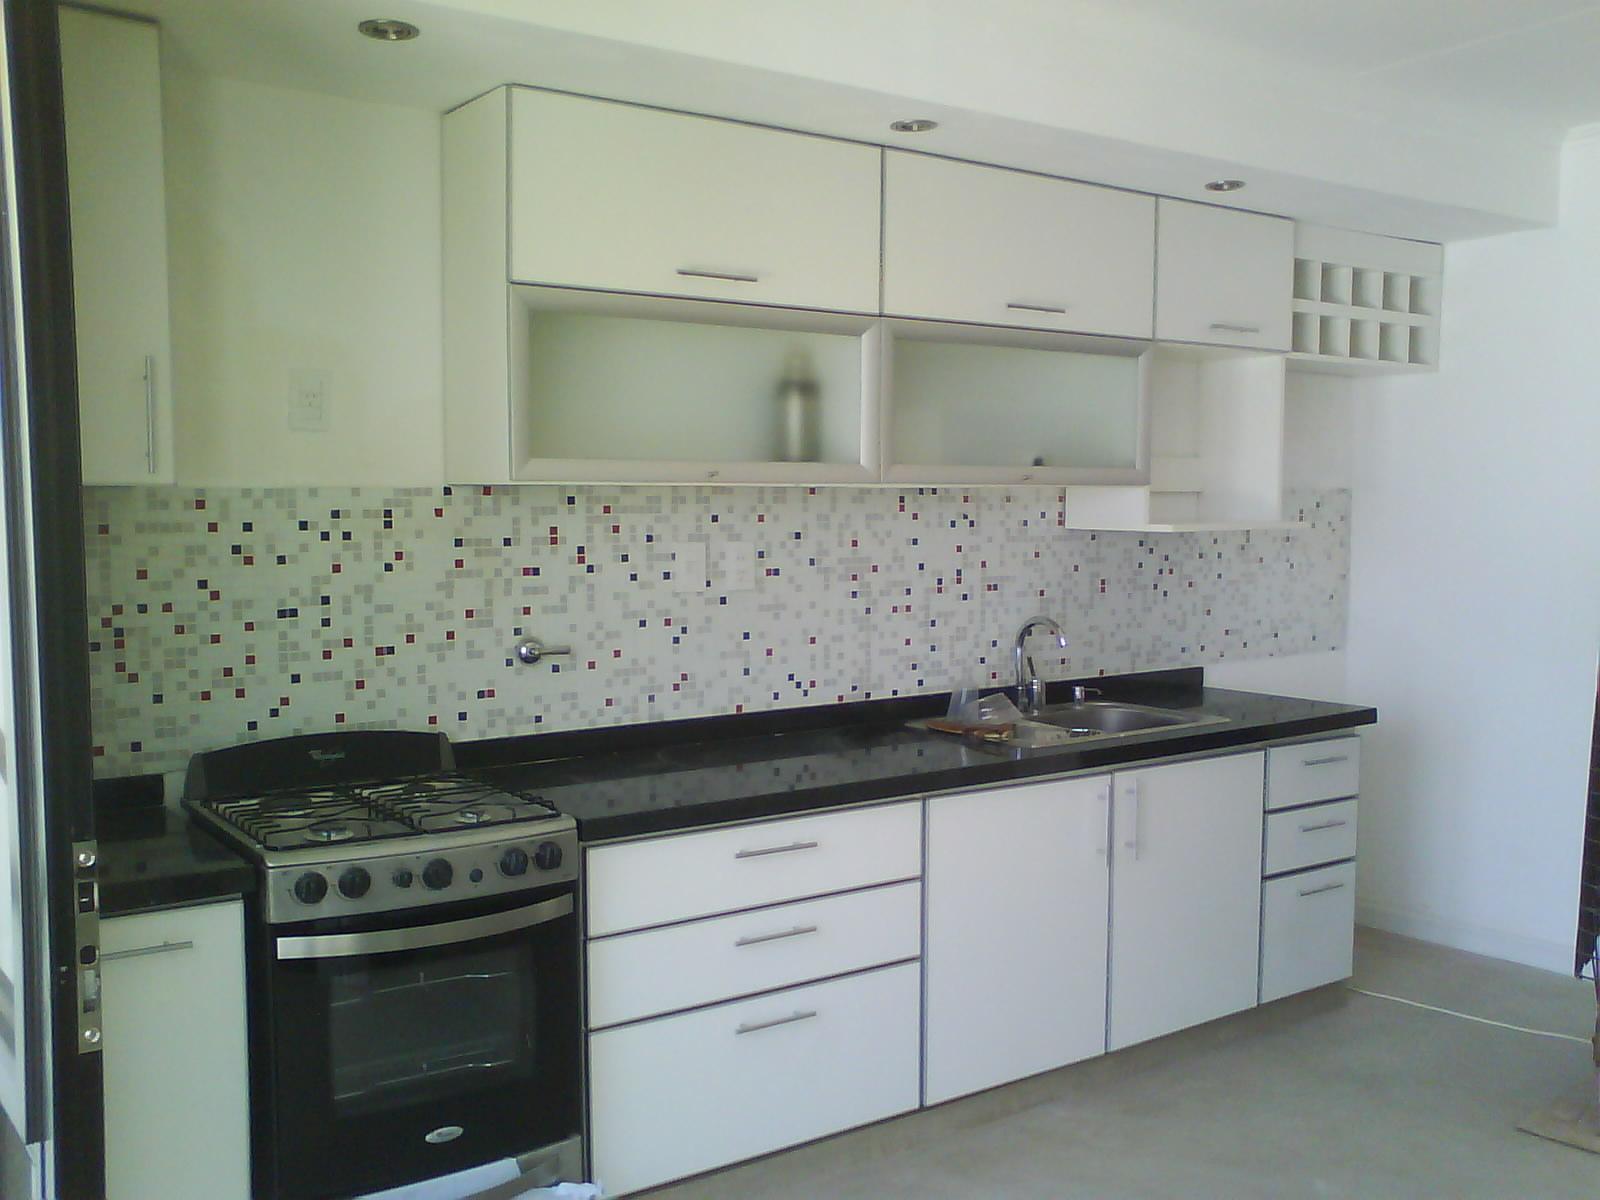 Amoblamientos parma muebles de cocina - Modulos de muebles de cocina ...